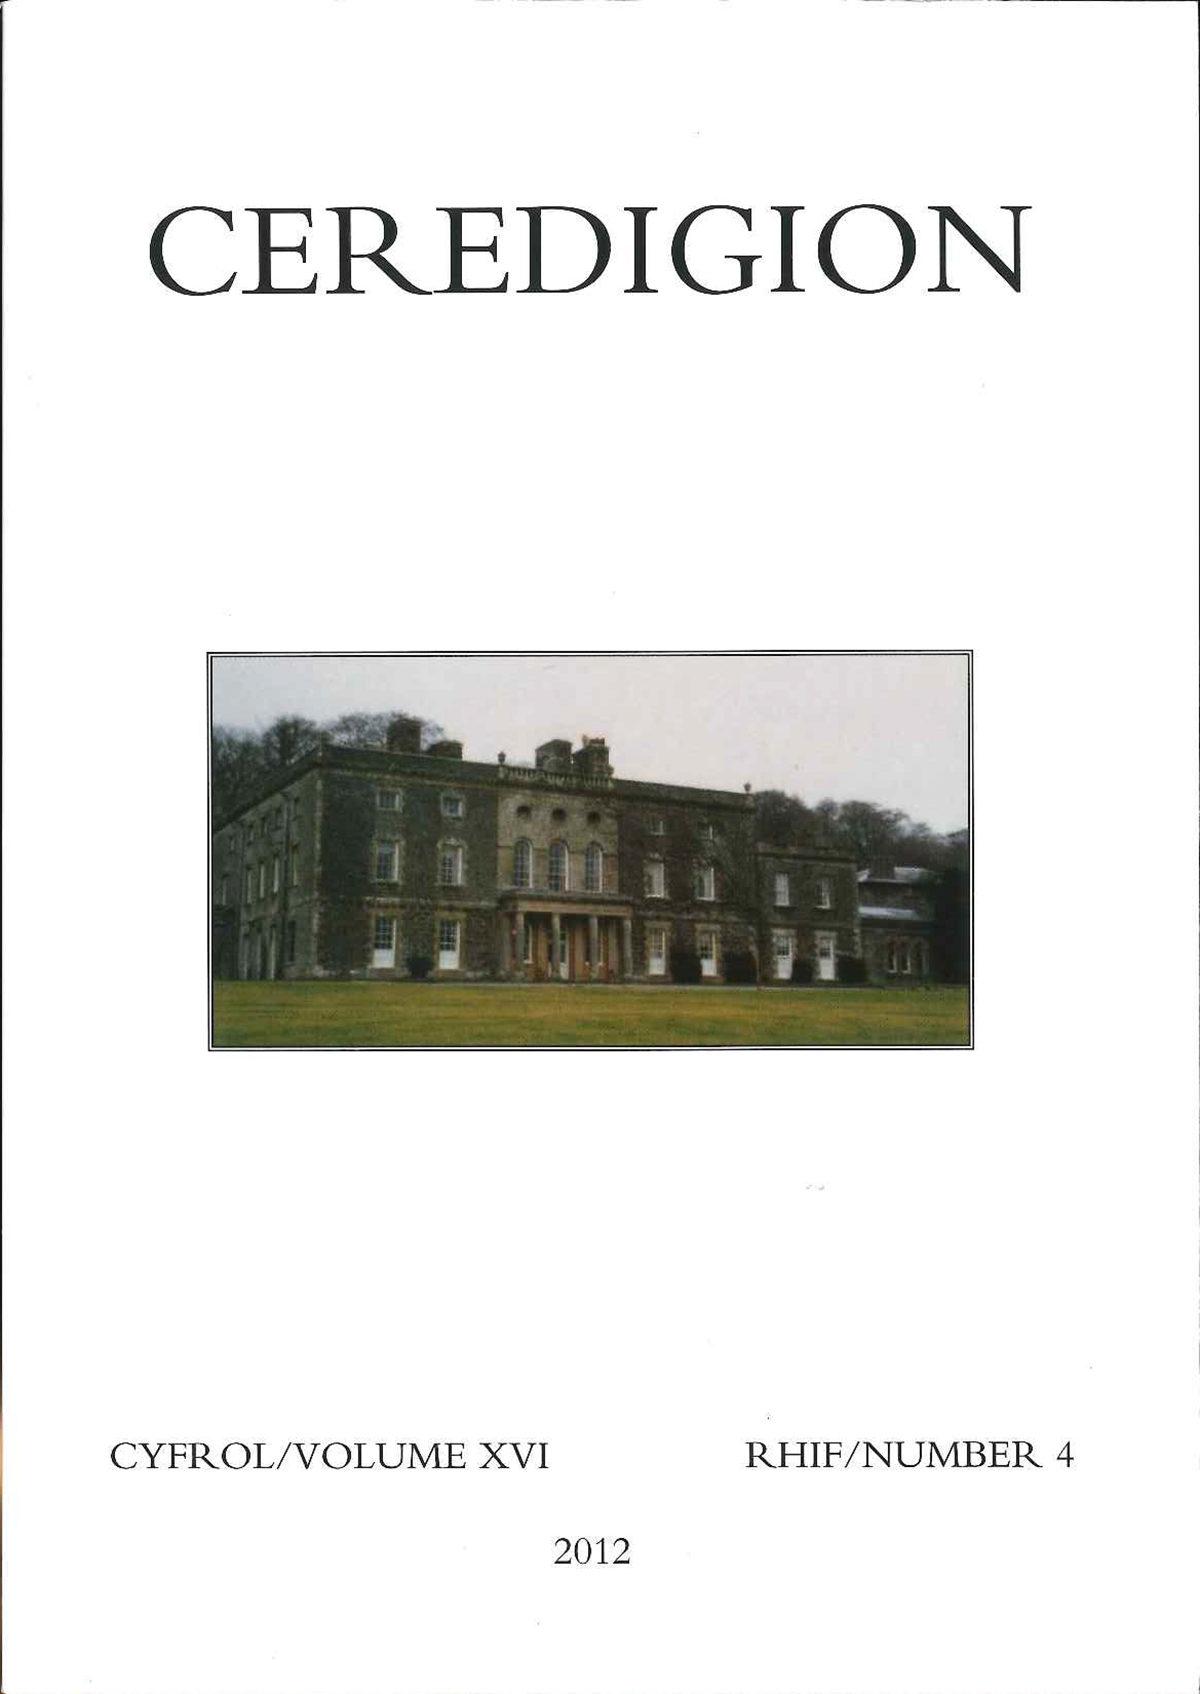 Ceredigion - Cylchgrawn Cymdeithas Hanes Ceredigion, Cyfrol XVI, Rhifyn 4, 2012 - ISBN 0069 2263